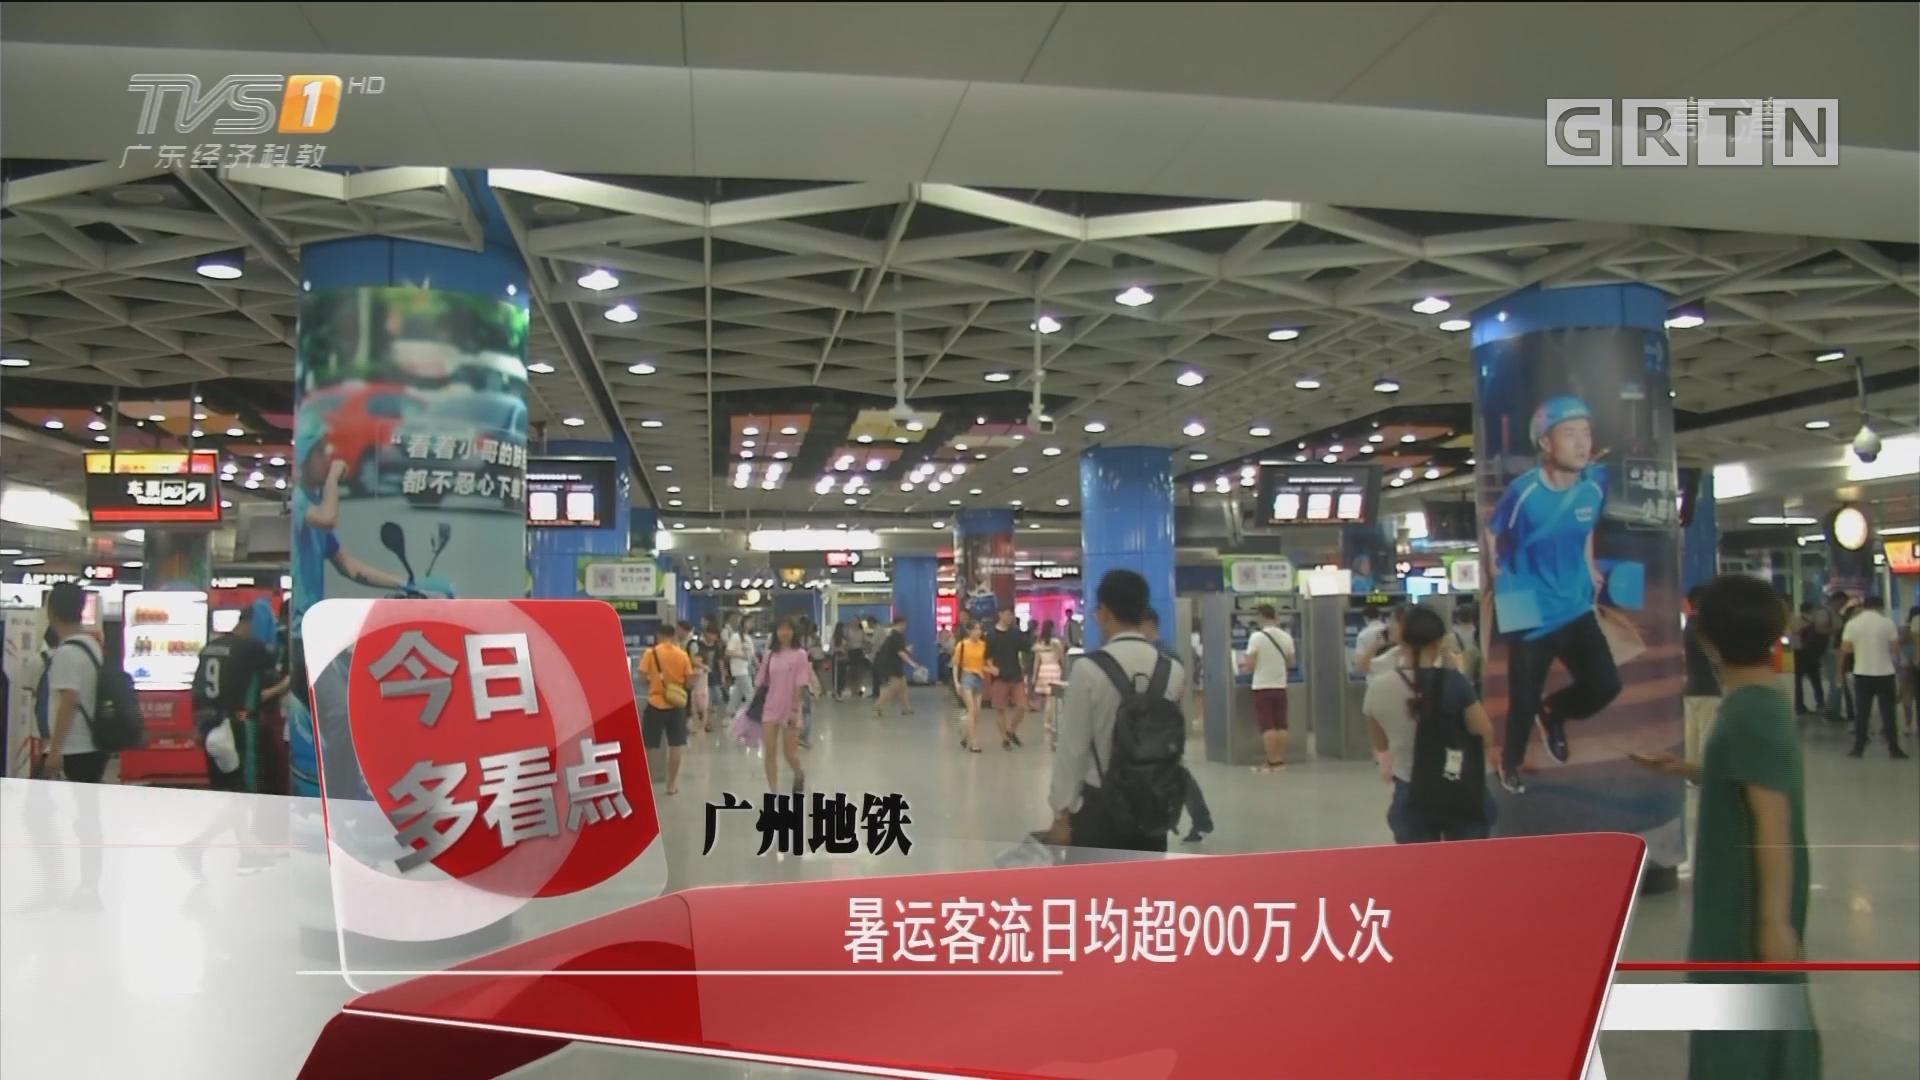 广州地铁:暑运客流日均超900万人次